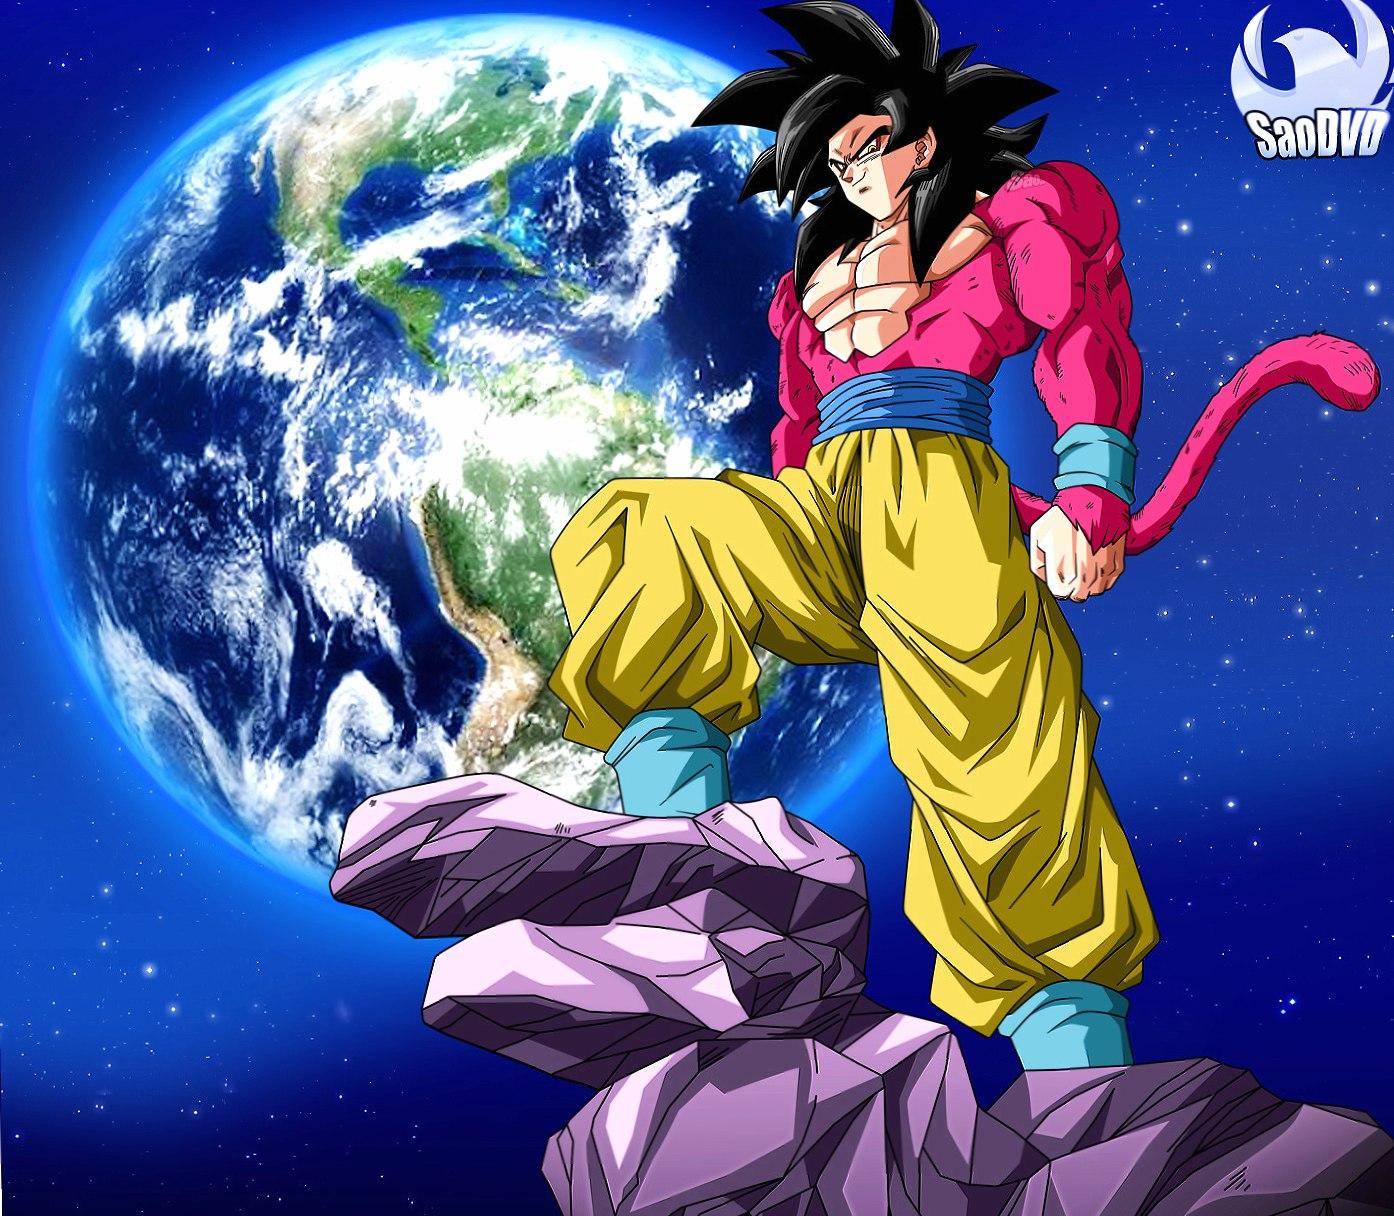 Goku Ssj4 Wallpapers Hd Quality - Goku Ssj4 Wallpaper Hd - HD Wallpaper